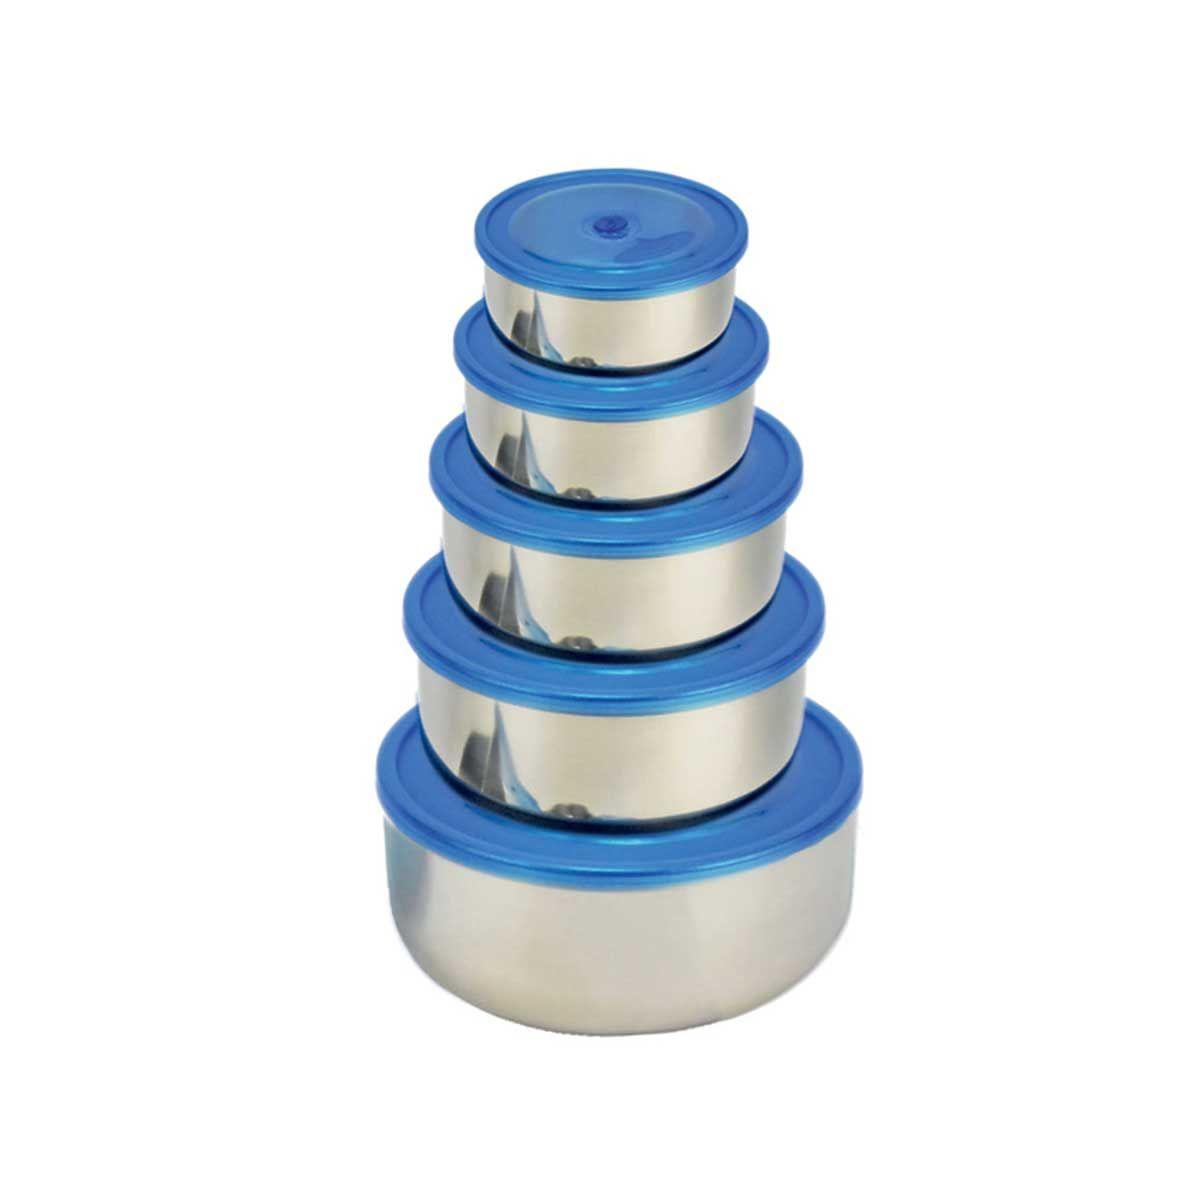 Signoraware 3714 Nesto Steel Containers (Set/5) (Blue,Silver)